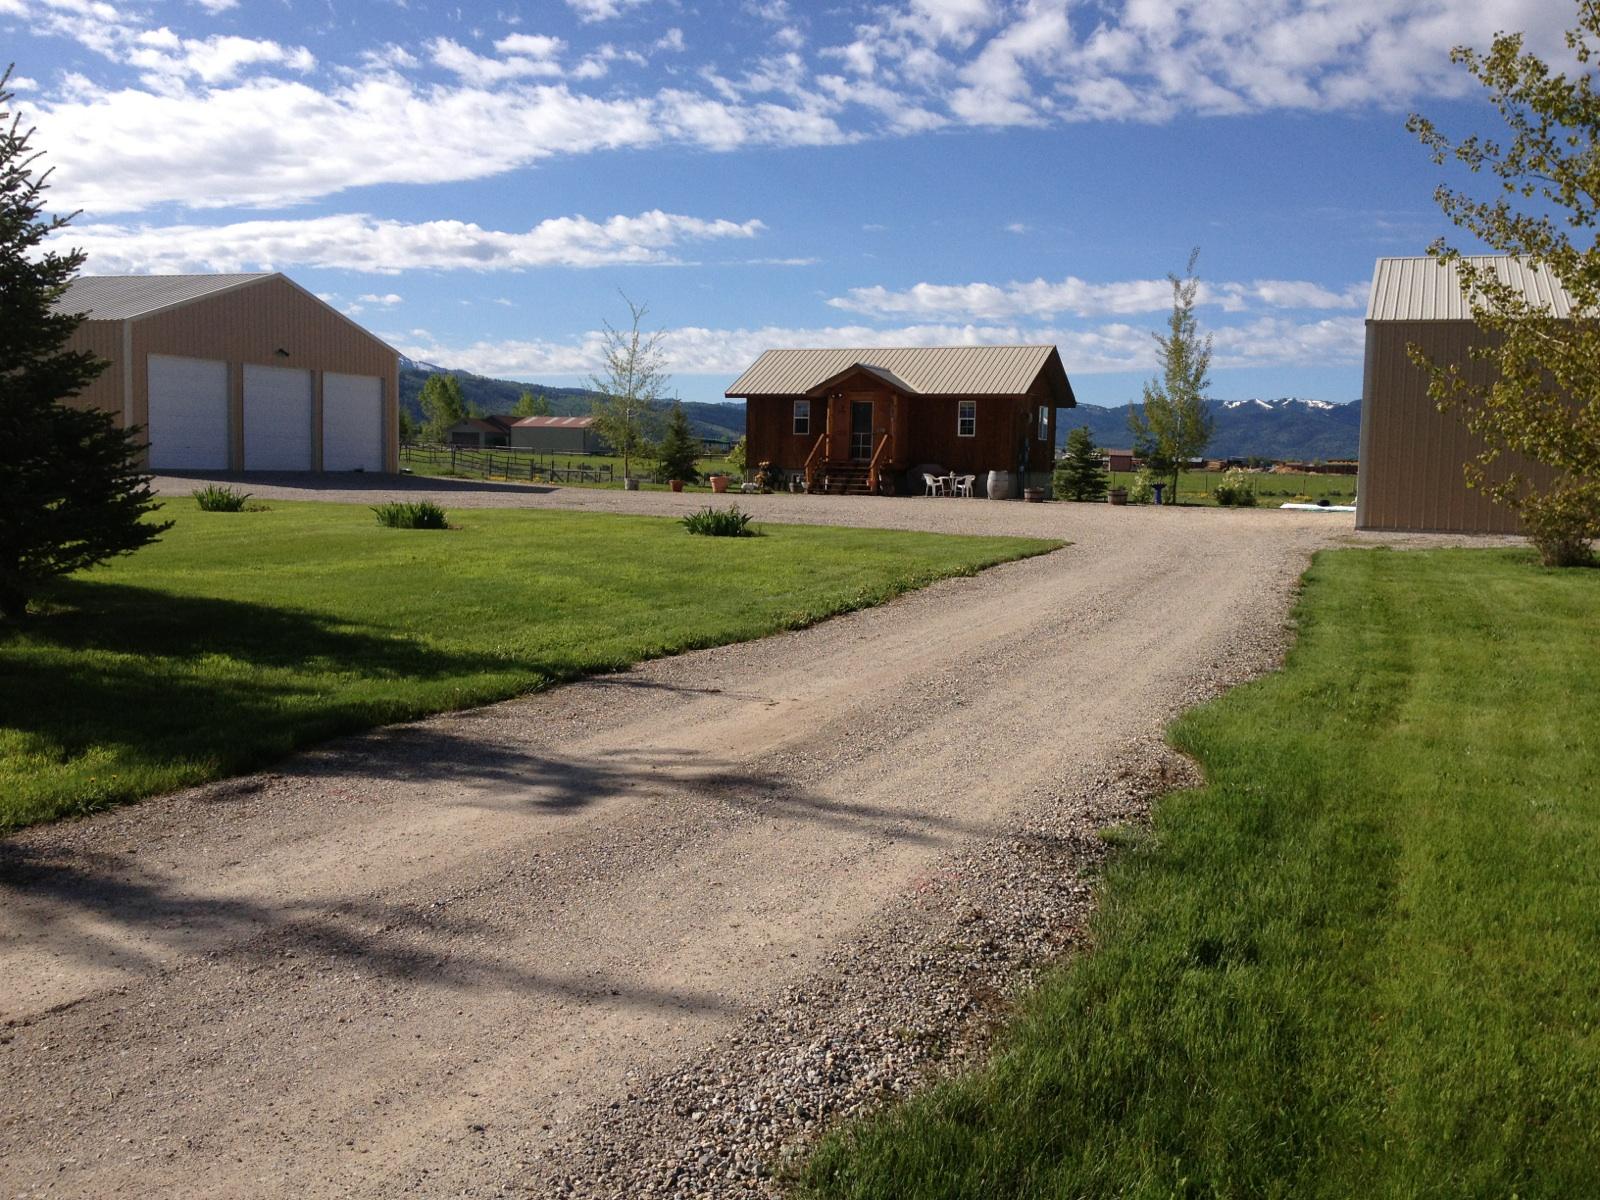 独户住宅 为 销售 在 Victor Home with 6 Garage Bays, No CCR's 593 JACKALOPE WAY 维克多, 爱达荷州, 83455 Jackson Hole, 美国